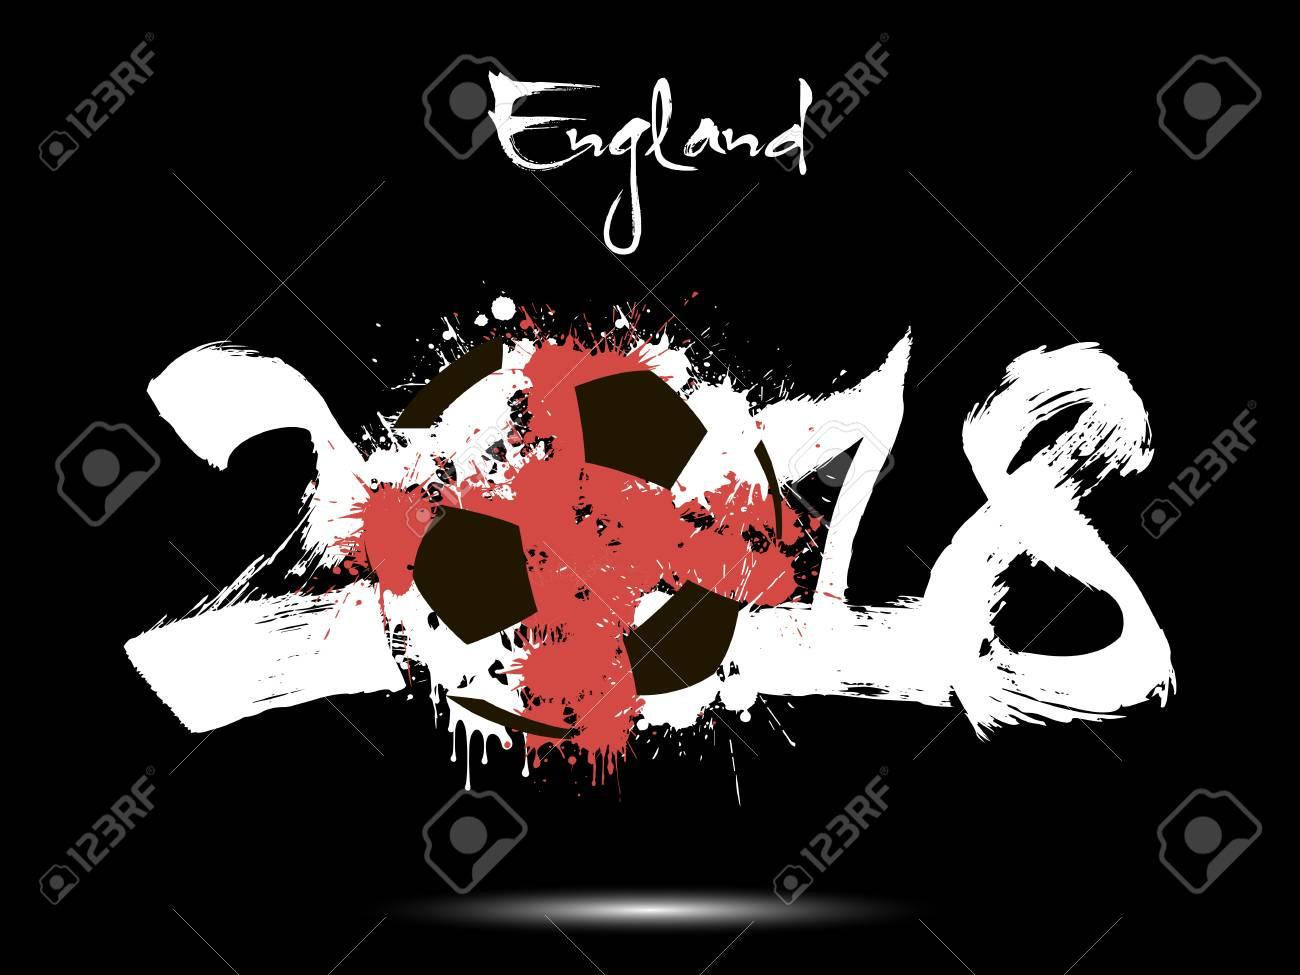 Foto de archivo - Número abstracto 2018 y balón de fútbol pintado en los  colores de la bandera de Inglaterra. Ilustración vectorial 812876a4a3206